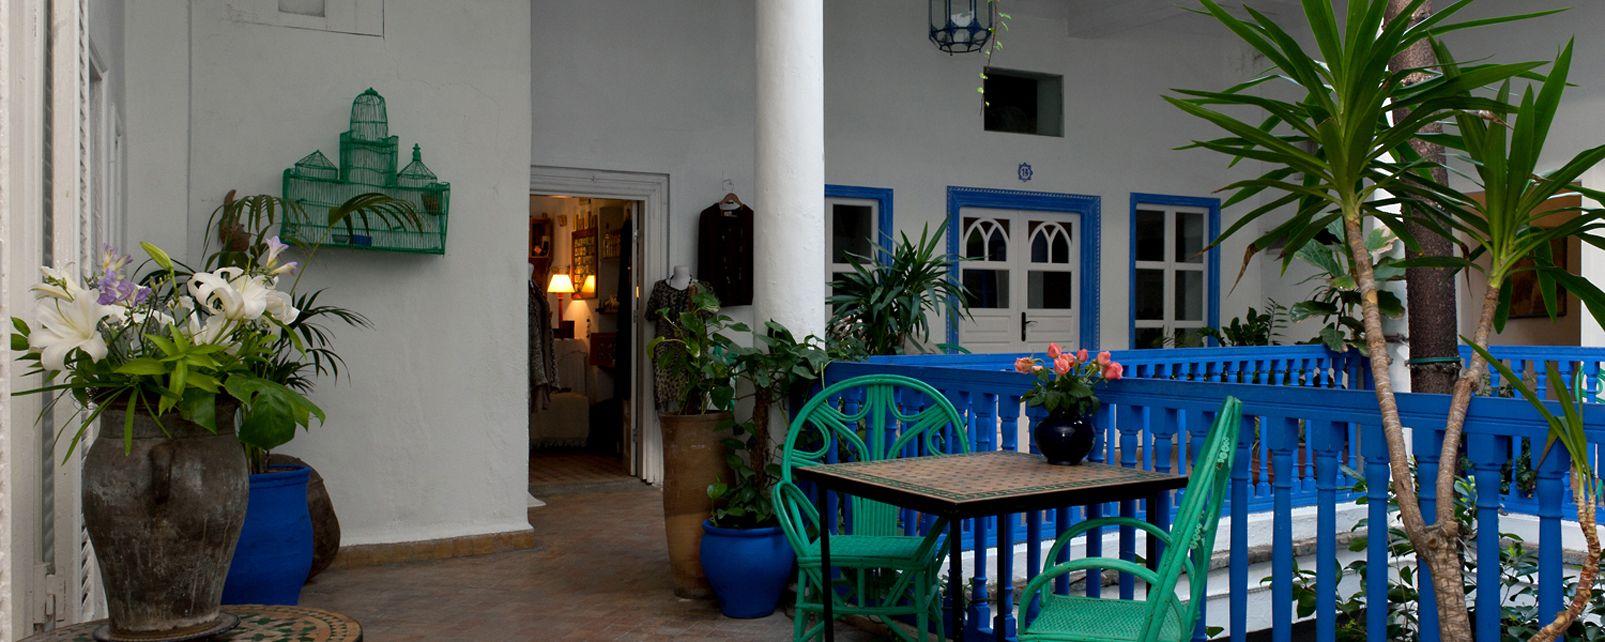 H tel villa maroc essaouira - Les jardins de villa maroc essaouira ...